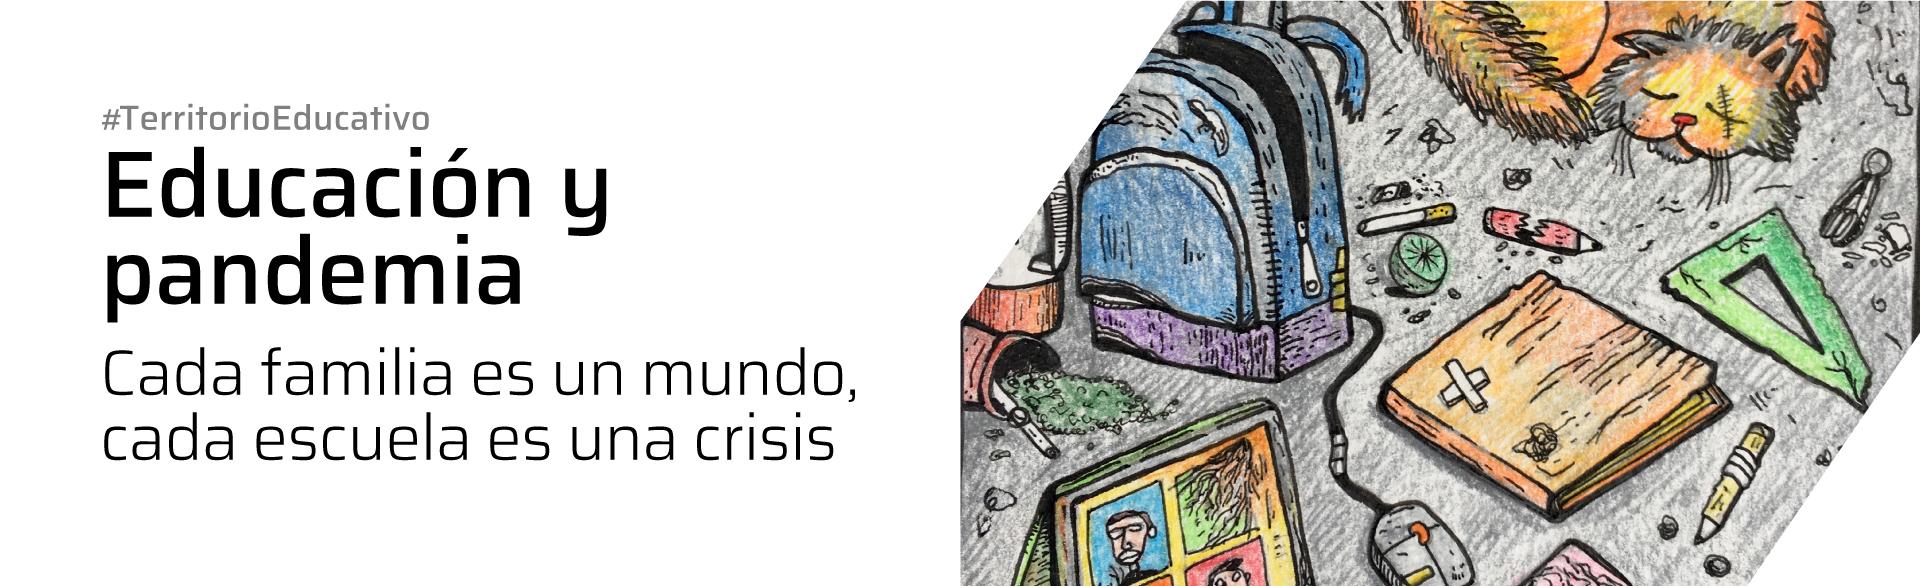 Educación y pandemia: Cada familia es un mundo